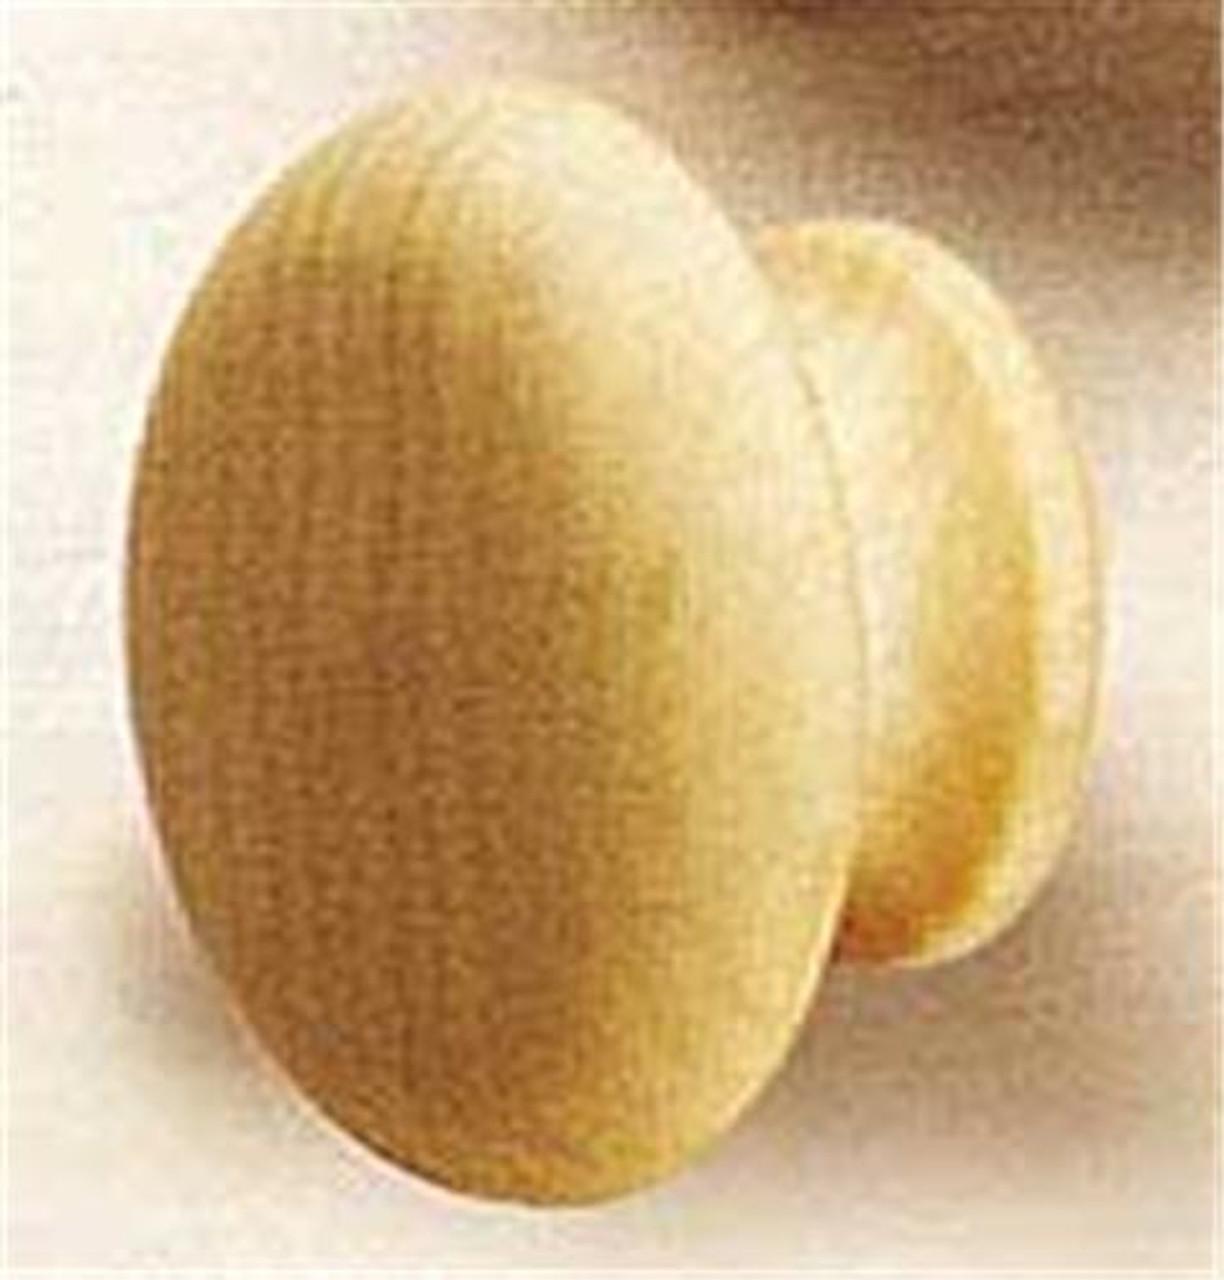 Cherry Tree Toys 1 1/4 Mushroom Knob